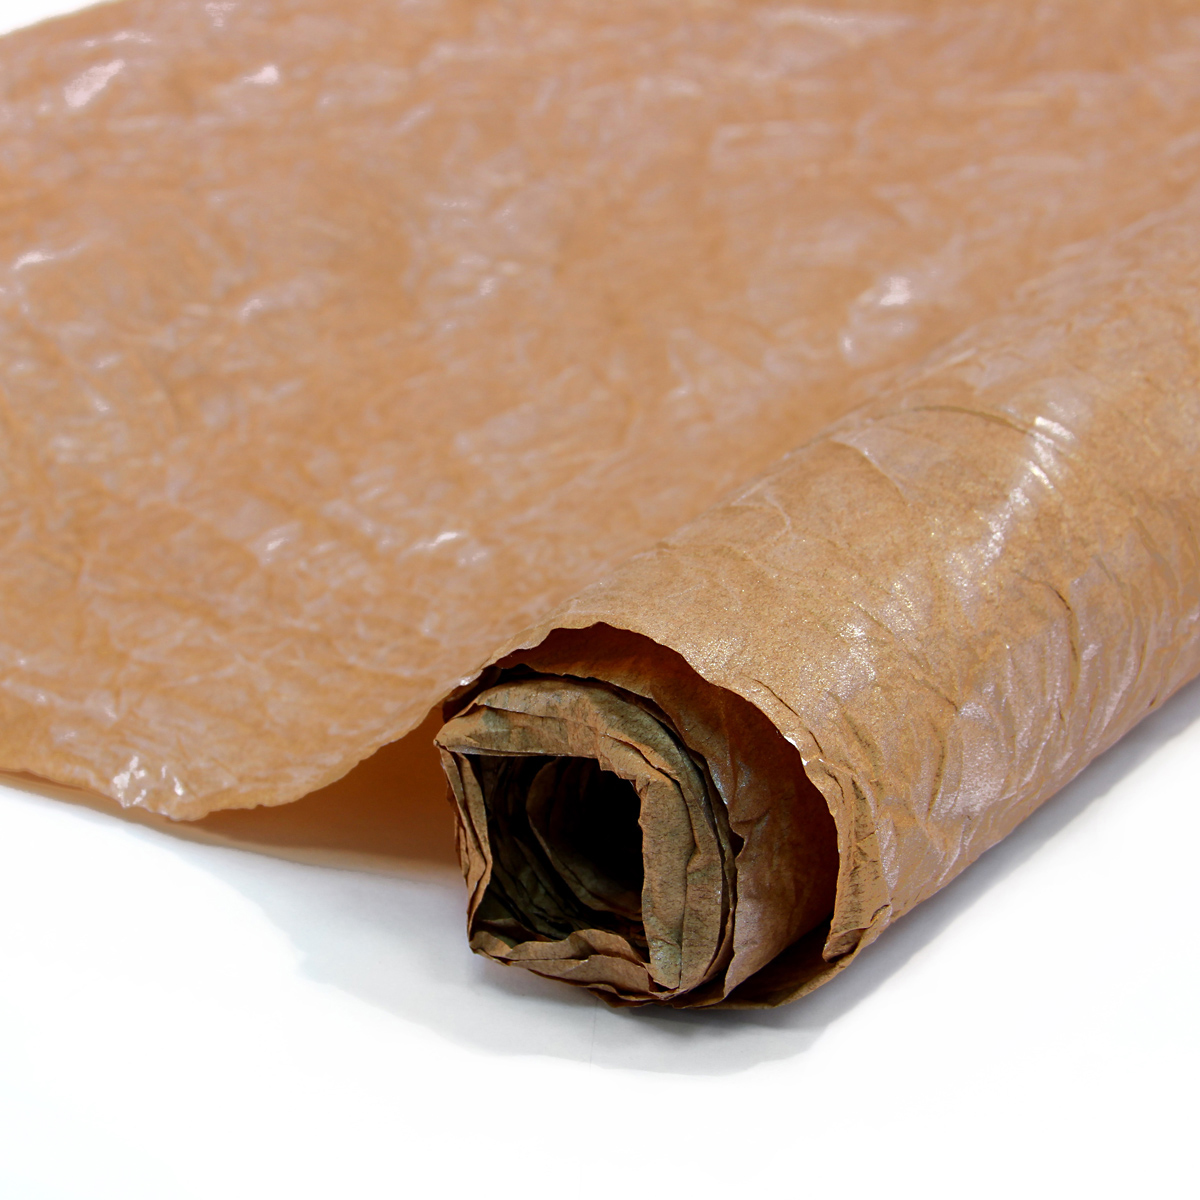 Бумага упаковочная Veld-Co Эколюкc, цвет: шоколадный, серебристый, 70 см х 5 м44094Бумага Veld-Co Эколюкc - это универсальный материал дляупаковки подарков и оформления букетов. Она достаточноплотная и в тоже время пластичная. Благодаря органичнойфактуре, великолепно ложится и на нестандартные формы(круглые, овальные). Эта бумага хорошо комбинируется с другими материалами. Её можноиспользовать в качестве декоративных элементов. К ней легко подобратьаксессуары - подойдут натуральные шнуры, рафия, ленты (репсовая,шёлковая, хлопковая). Благодаря этому материалу - мастер выполнитлюбую задачу, поставленную перед ним. Ко всему прочему- бумагу в рулоне удобнее хранить, использовать,транспортировать.